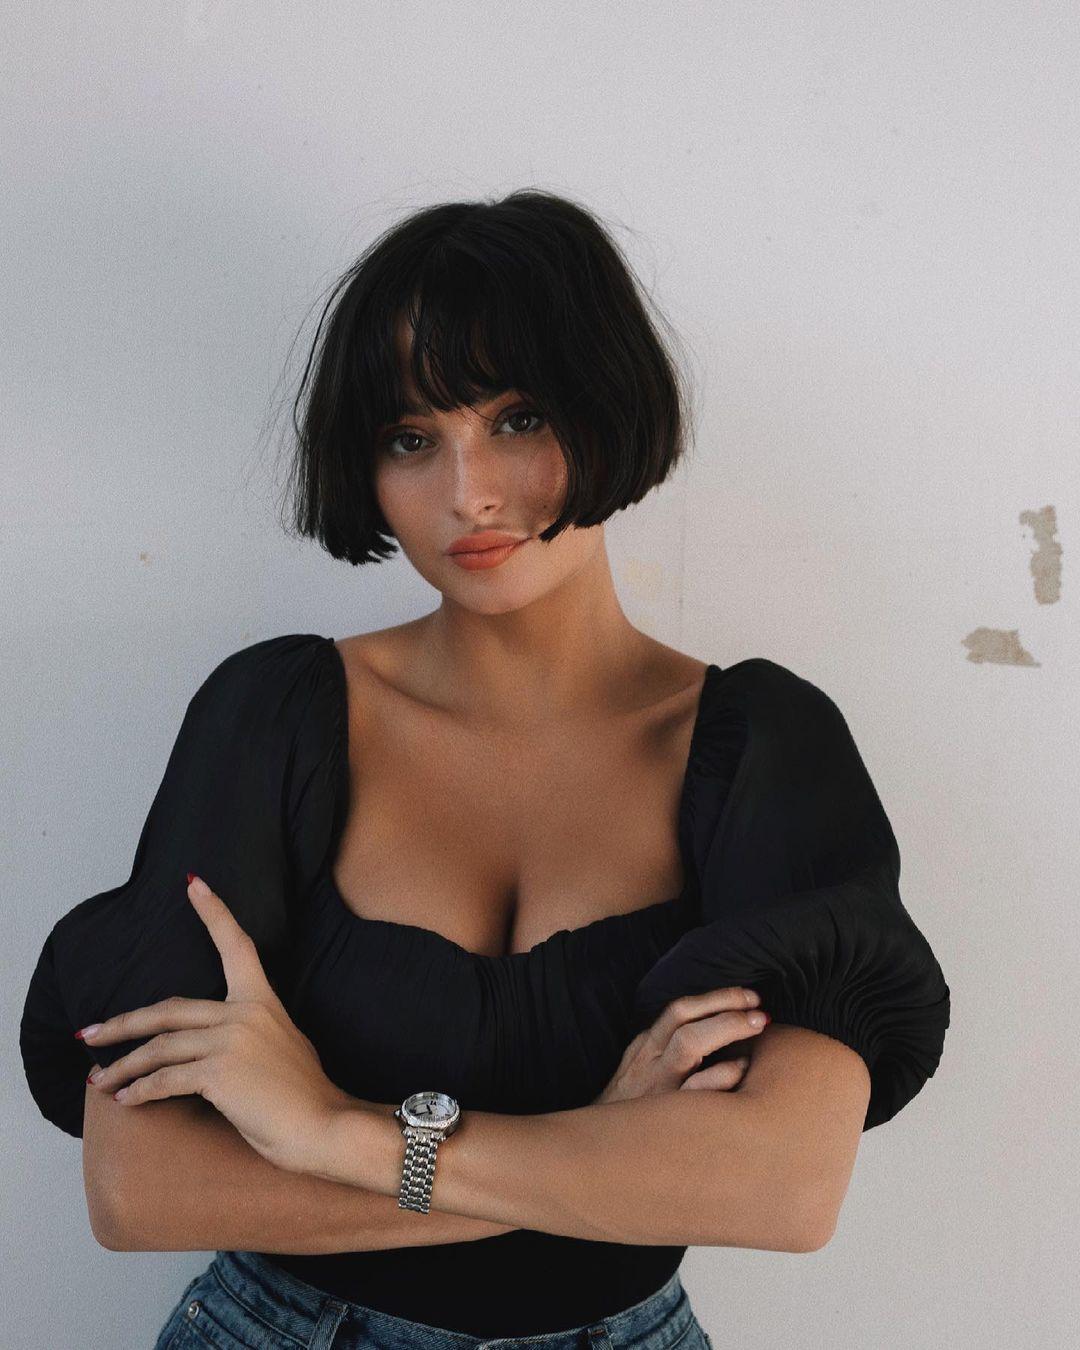 8 kiểu tóc gái Pháp luôn yêu cầu cắt khi ghé salon: Đơn giản mà cực sang chảnh, học theo thì thần thái lên hương - Ảnh 11